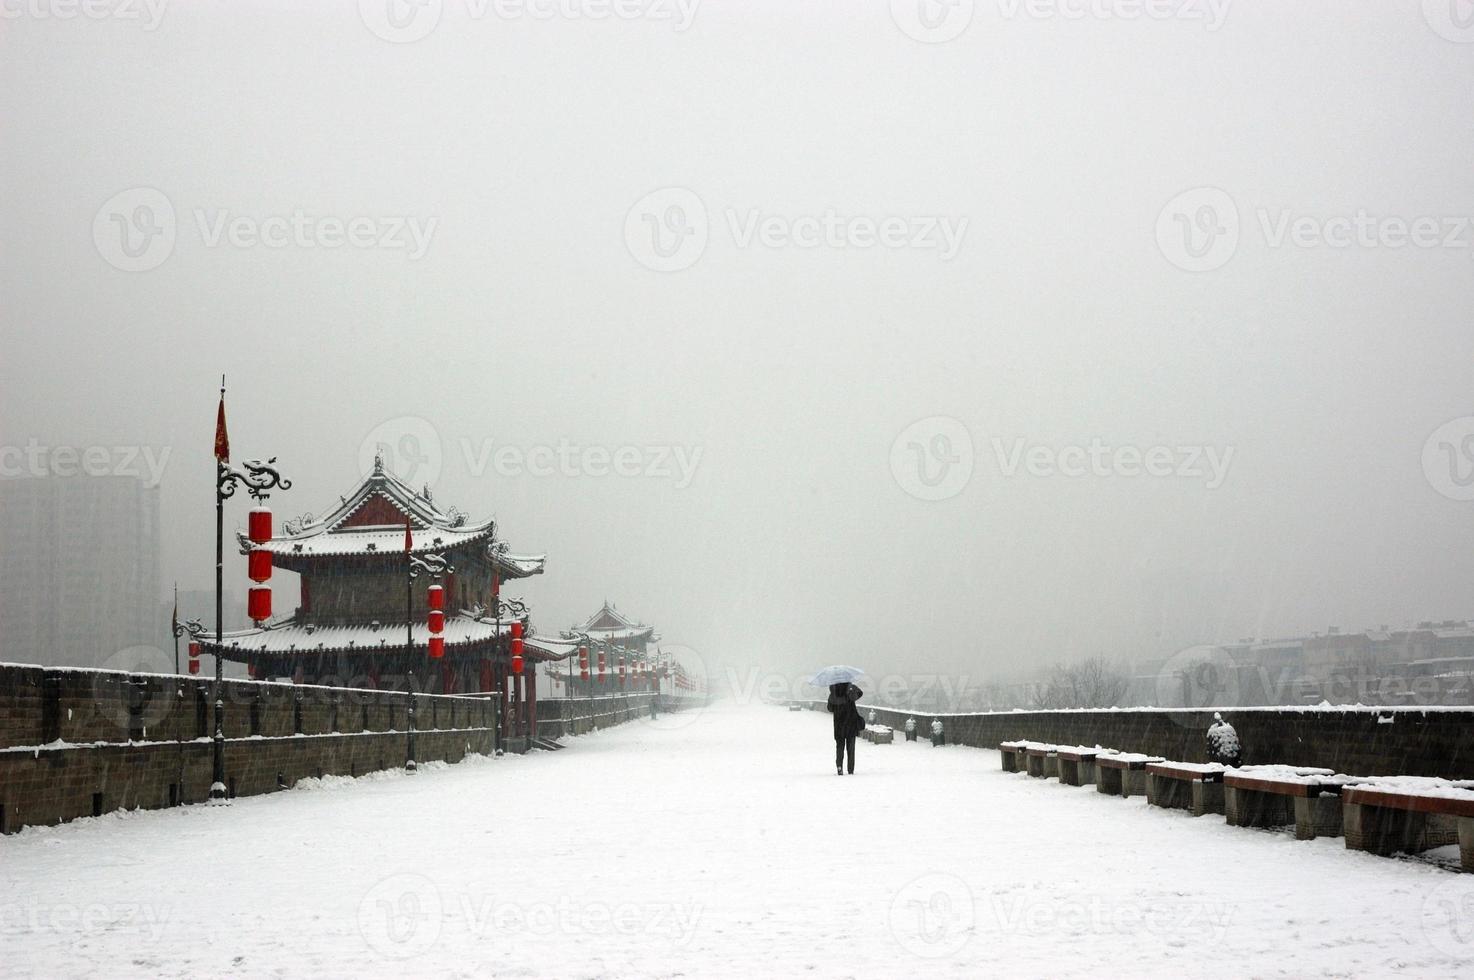 Xi'an Stadtmauer im Schneetag foto